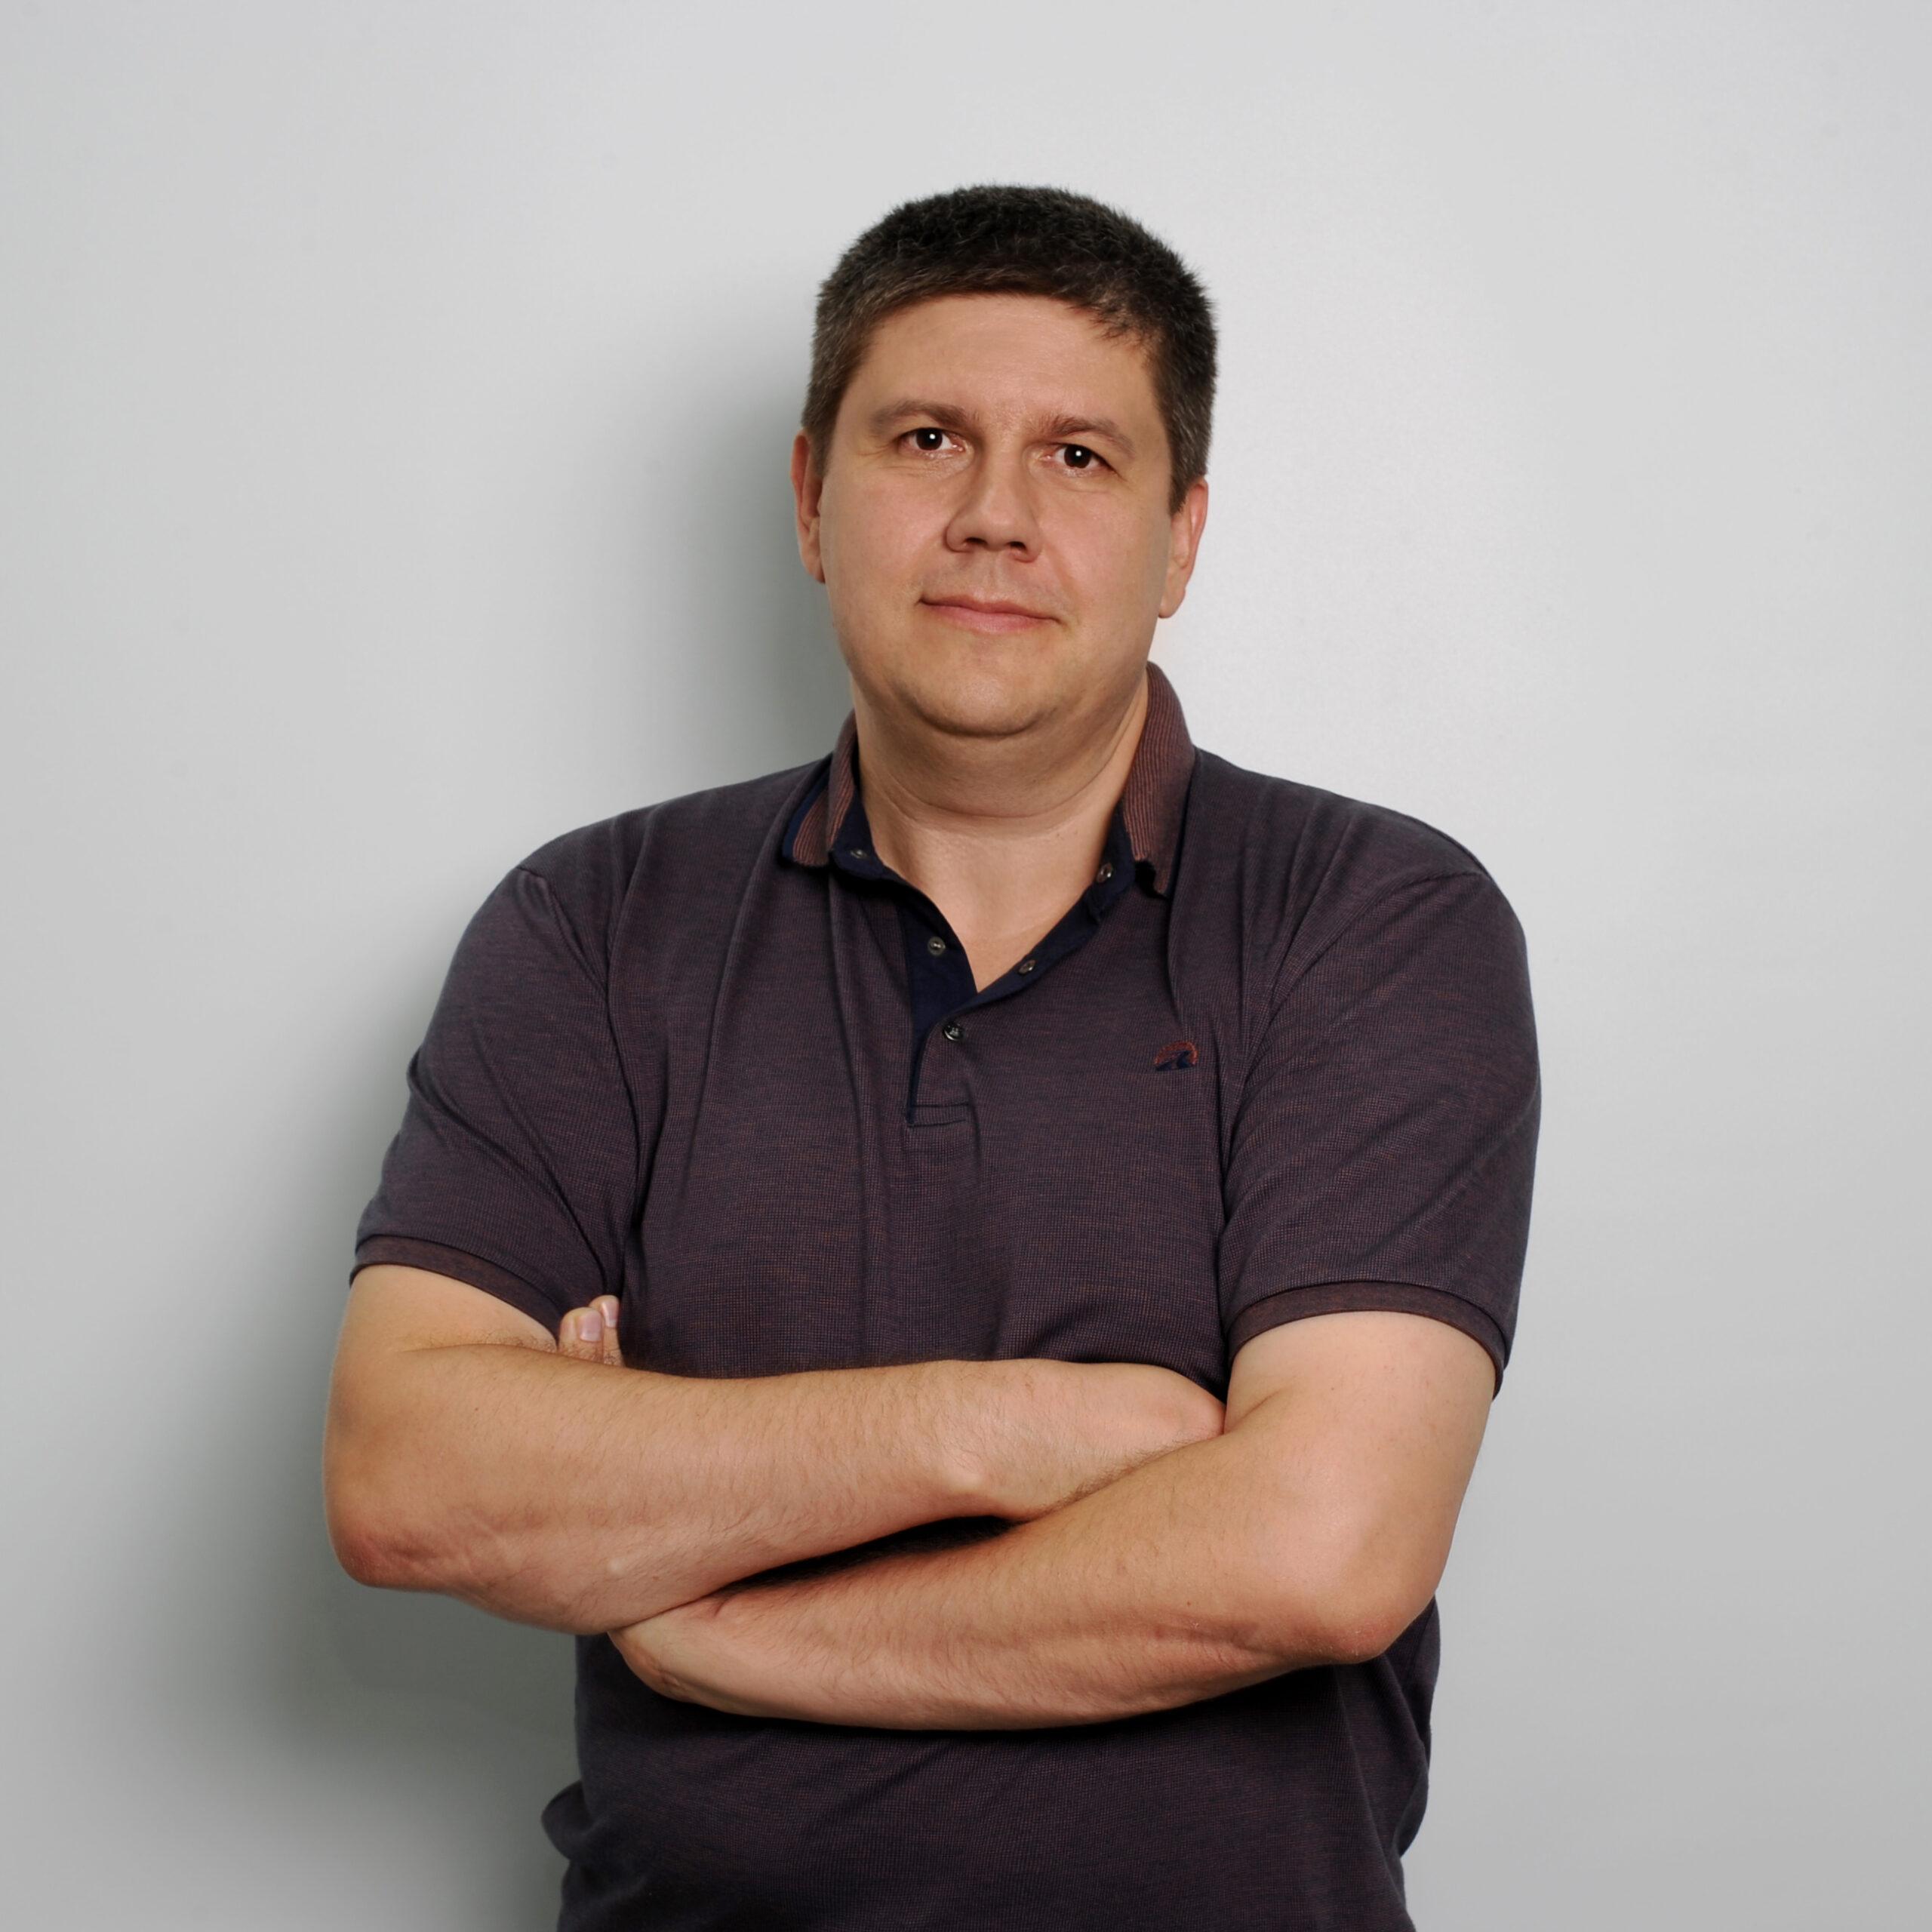 Serhii Zabolotnii